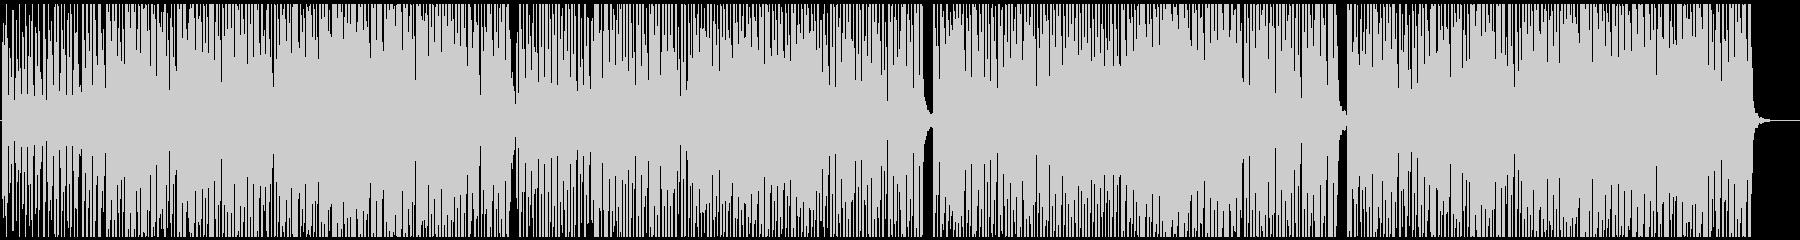 伝統的 ジャズ ビバップ ディキシ...の未再生の波形